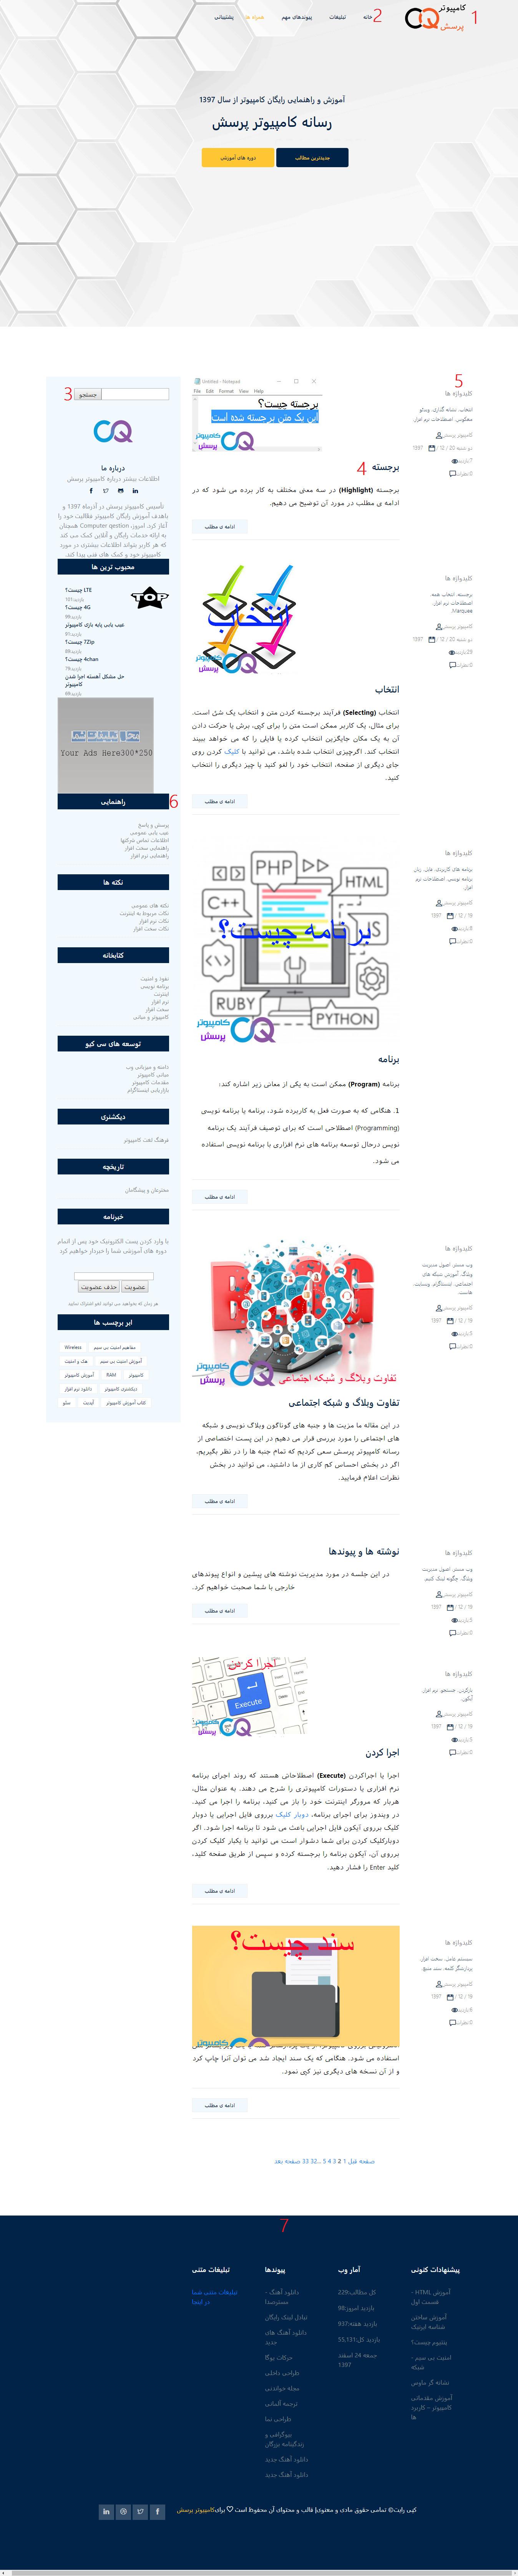 آنالیز یک صفحه وب